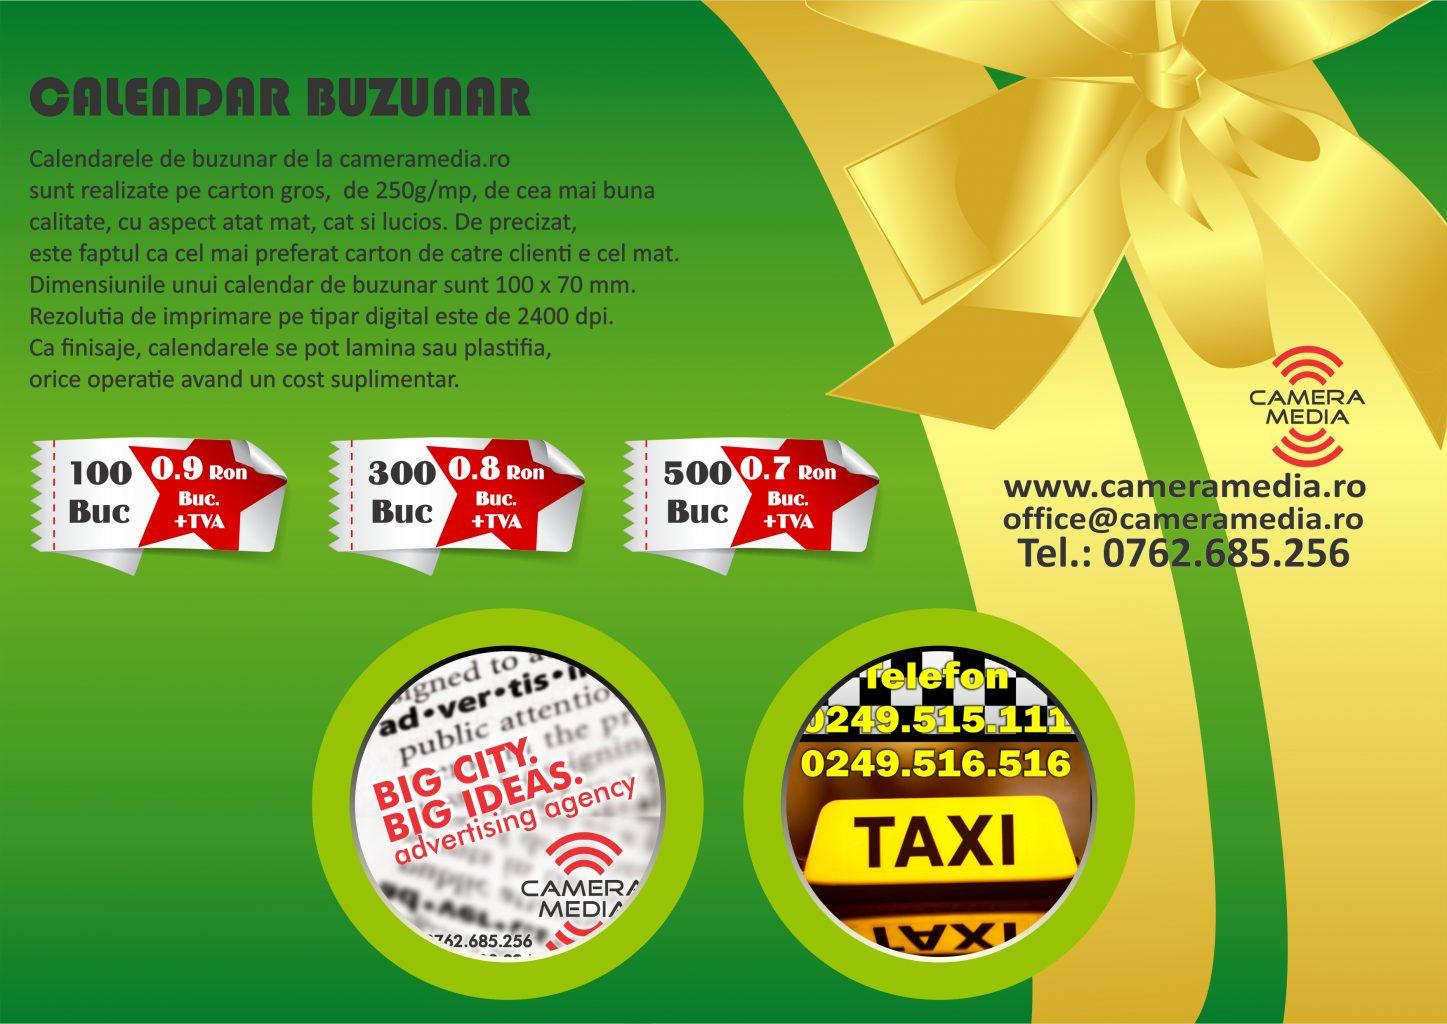 Calendar Buzunar Personalizat 2019 Craiova Tiparituri Craiova Promotionale Craiova Calendare Personalizate Craiova 2019 agende Personalizate Craiova 2019